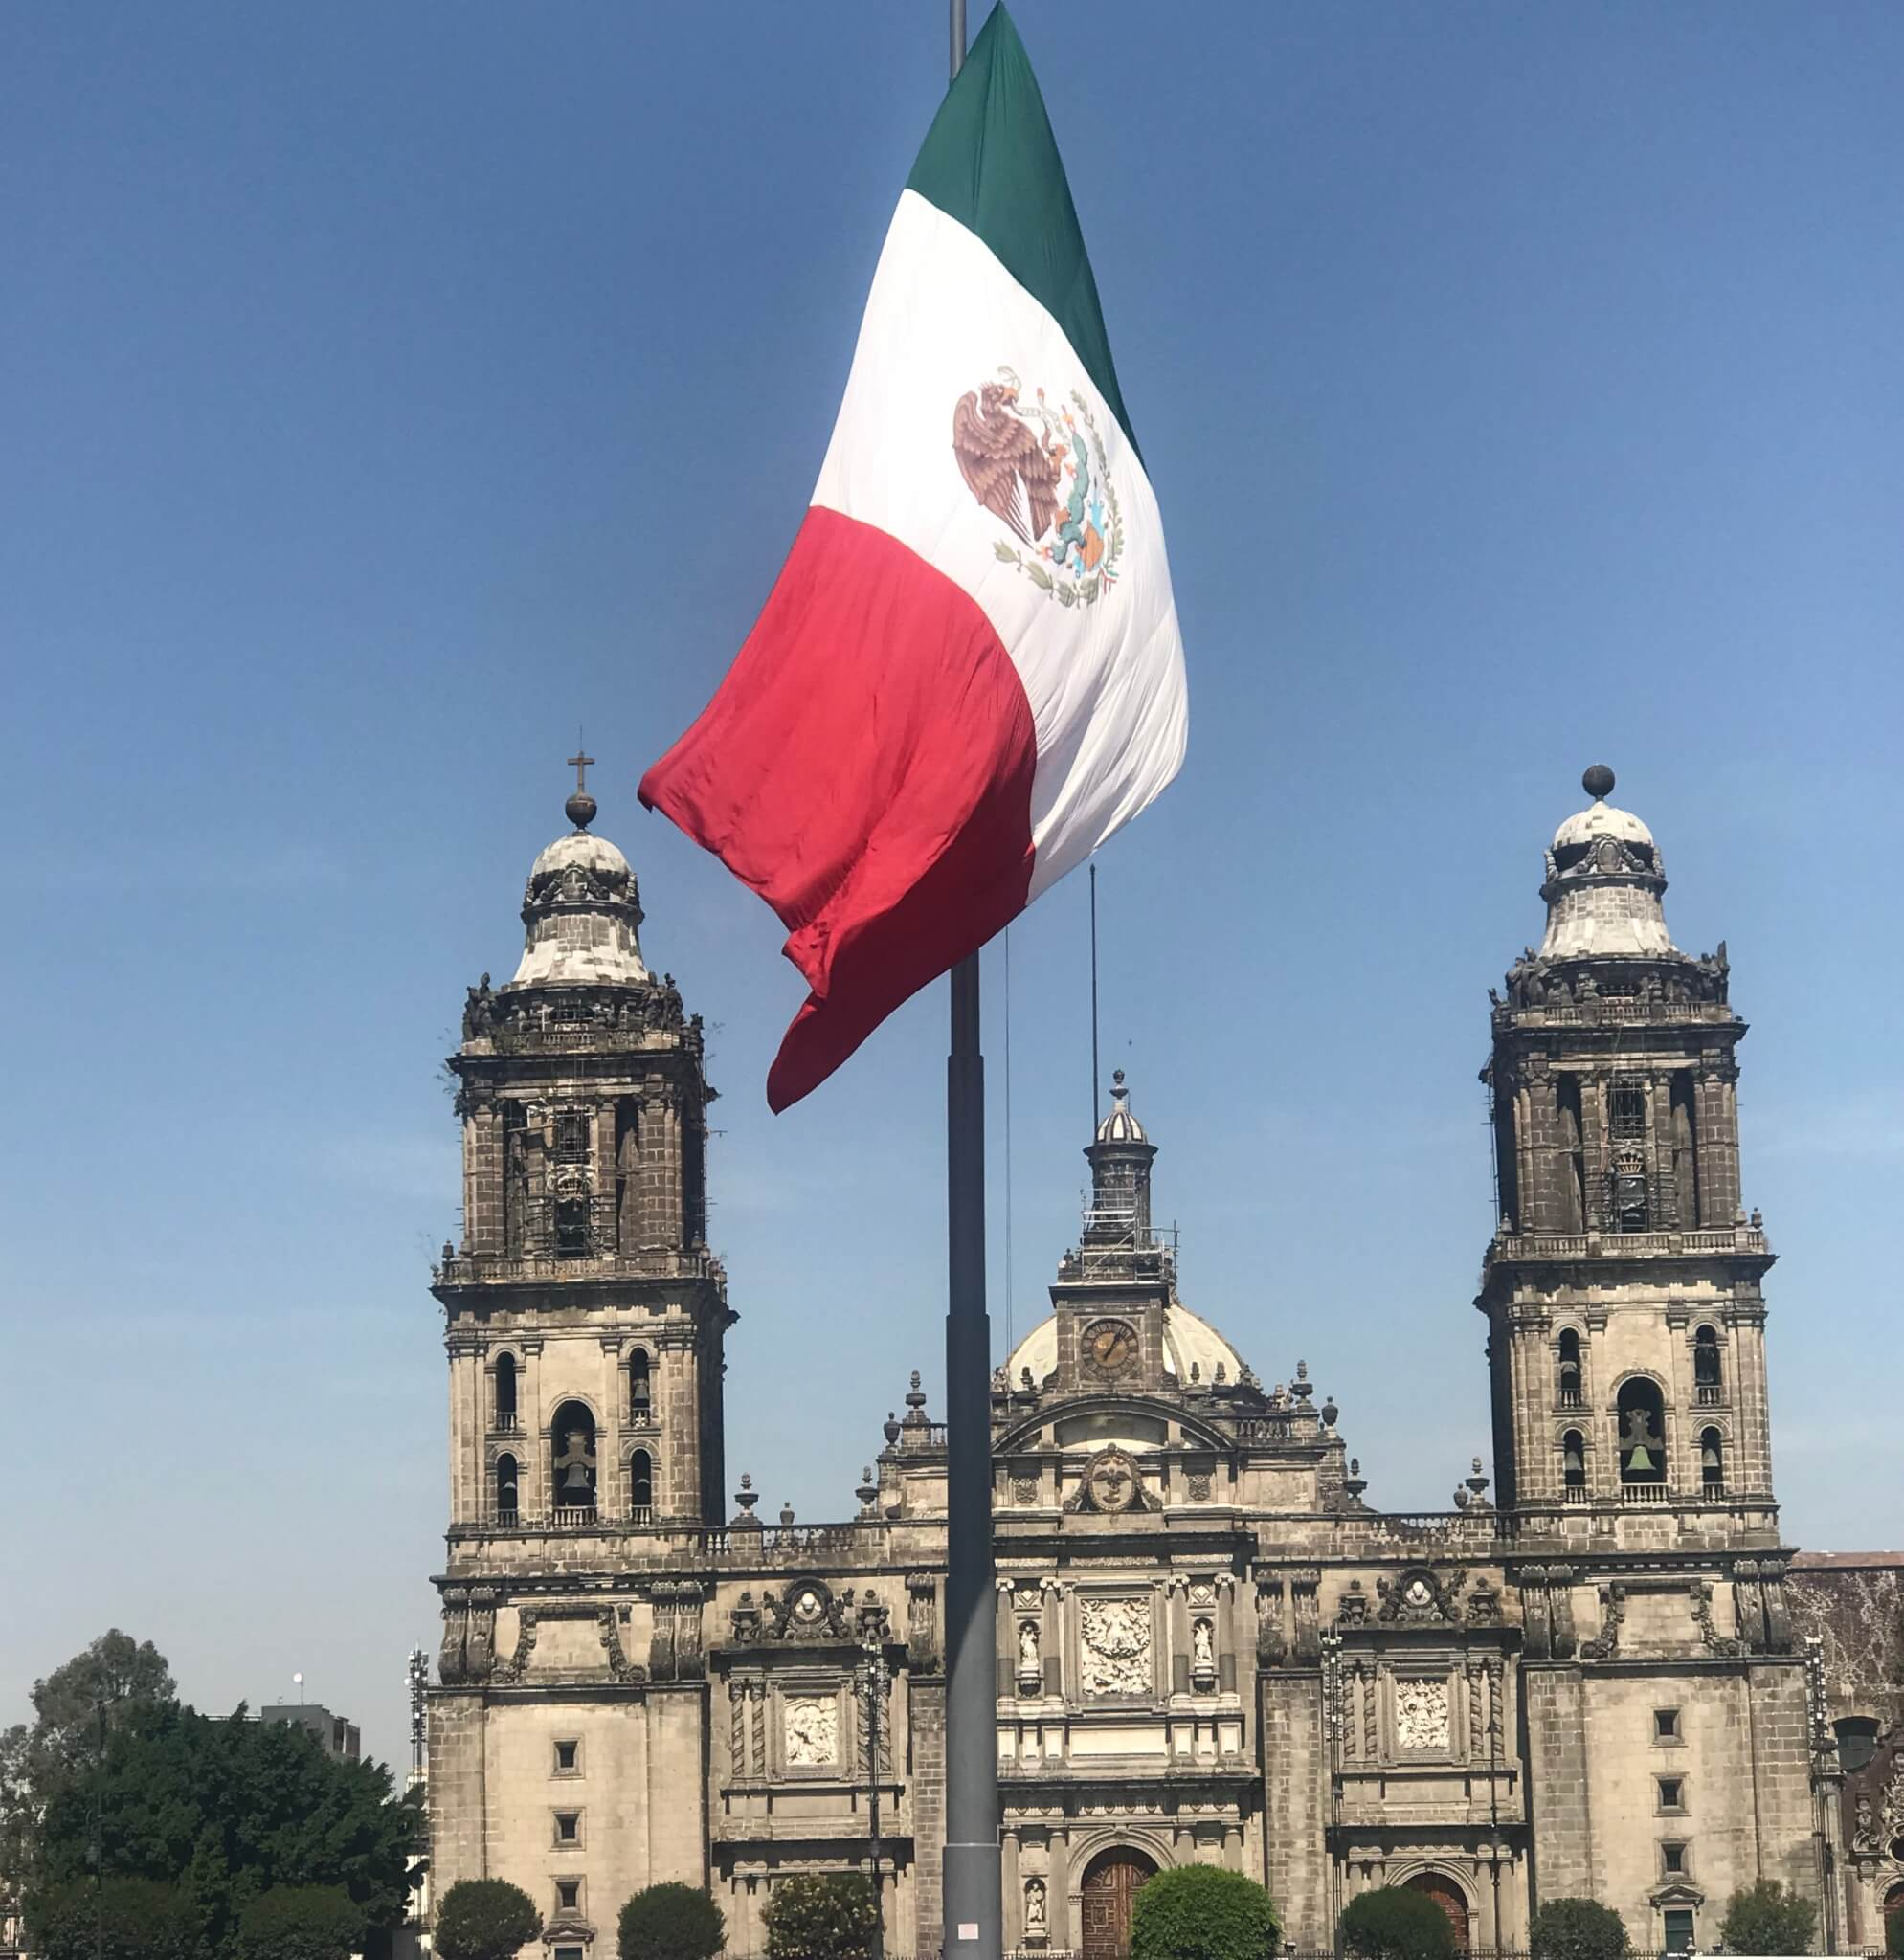 Zocalo | City Center | Mexico City